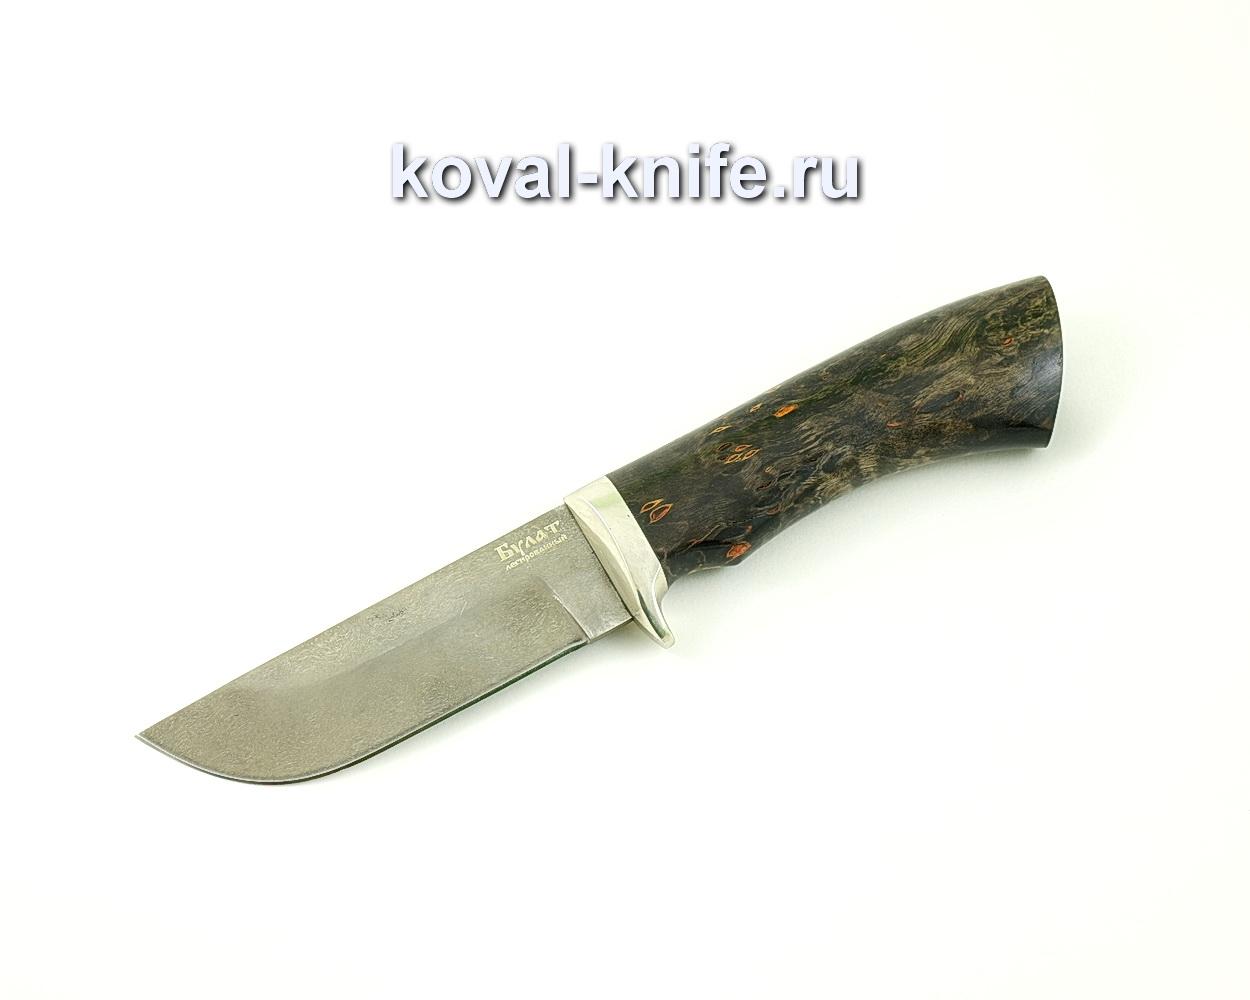 Нож из булатной стали Пегас (Легированный булат, рукоять стабилизированная карельская береза, литье мельхиор)